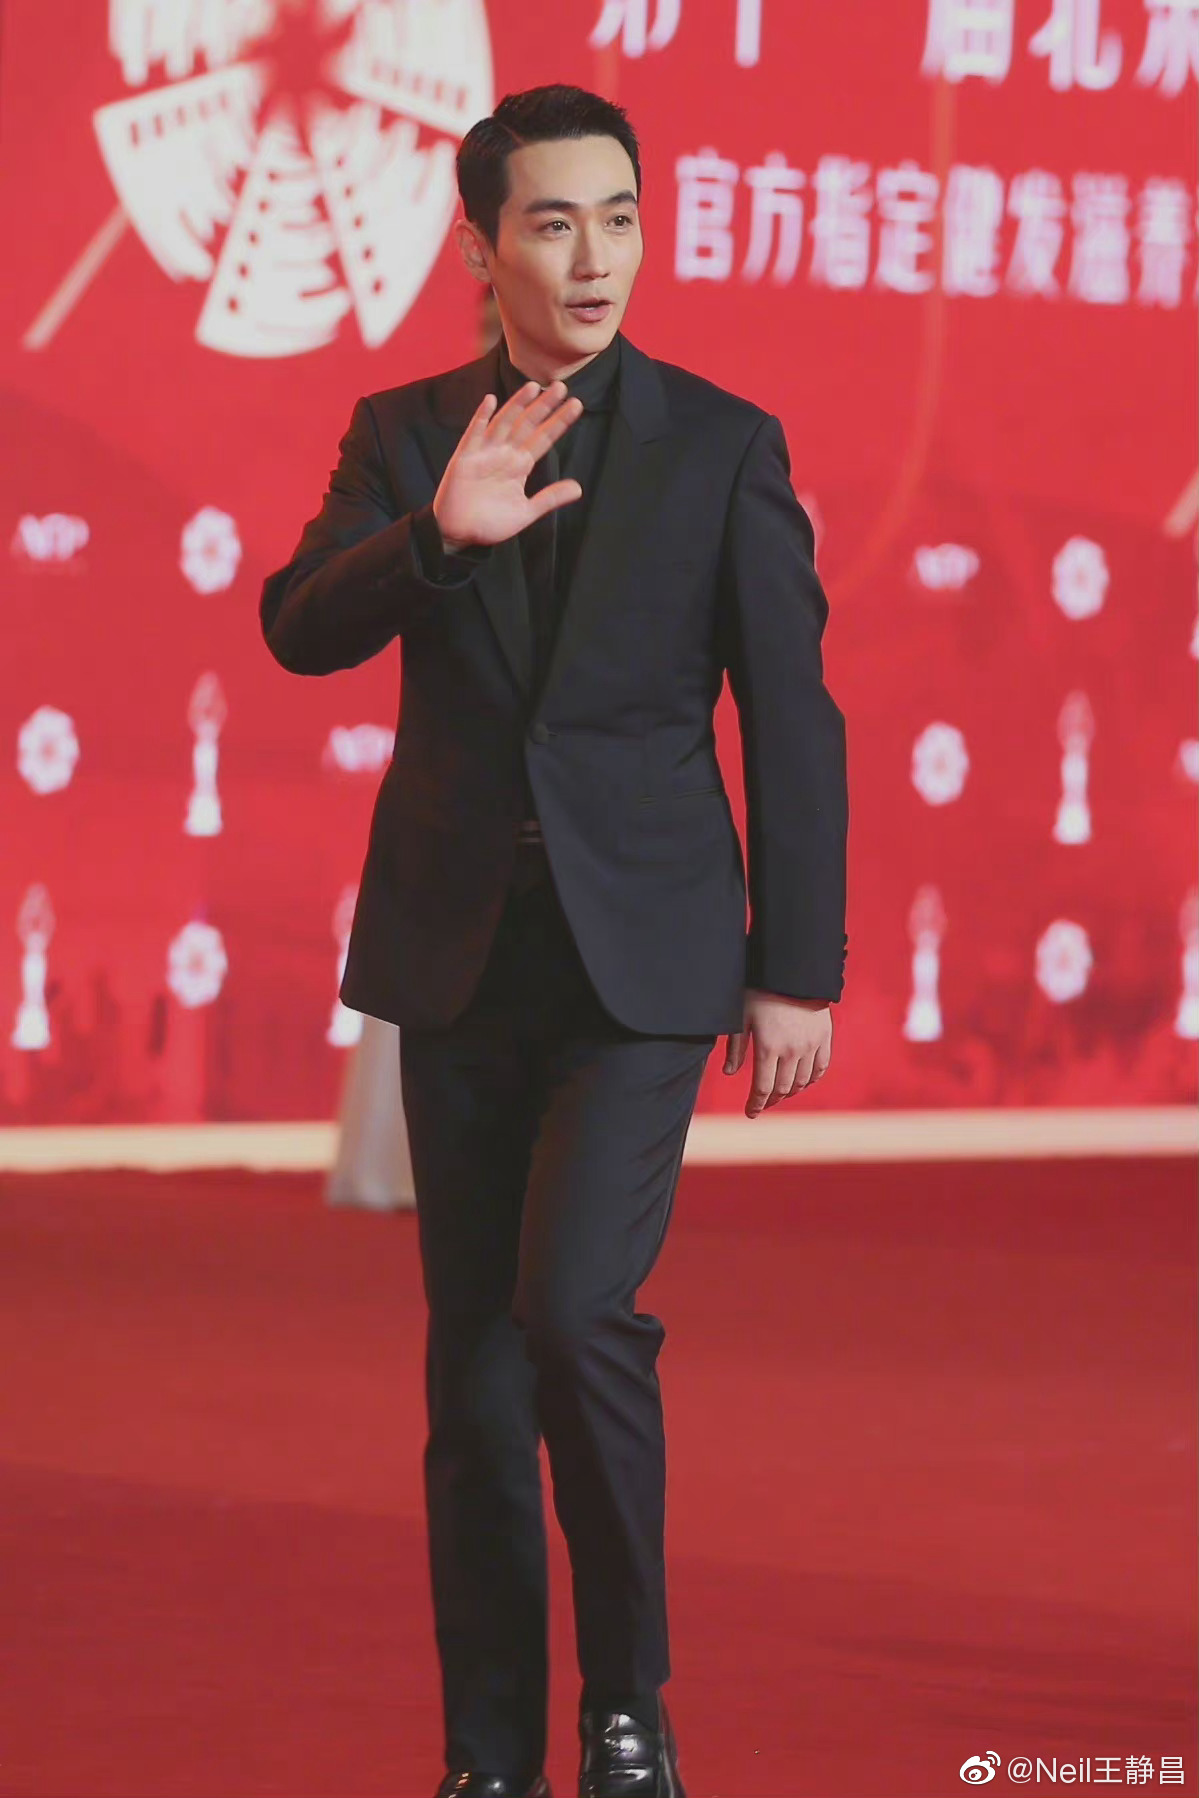 亮相北影节红毯,全身黑色标准男演员红毯装束……